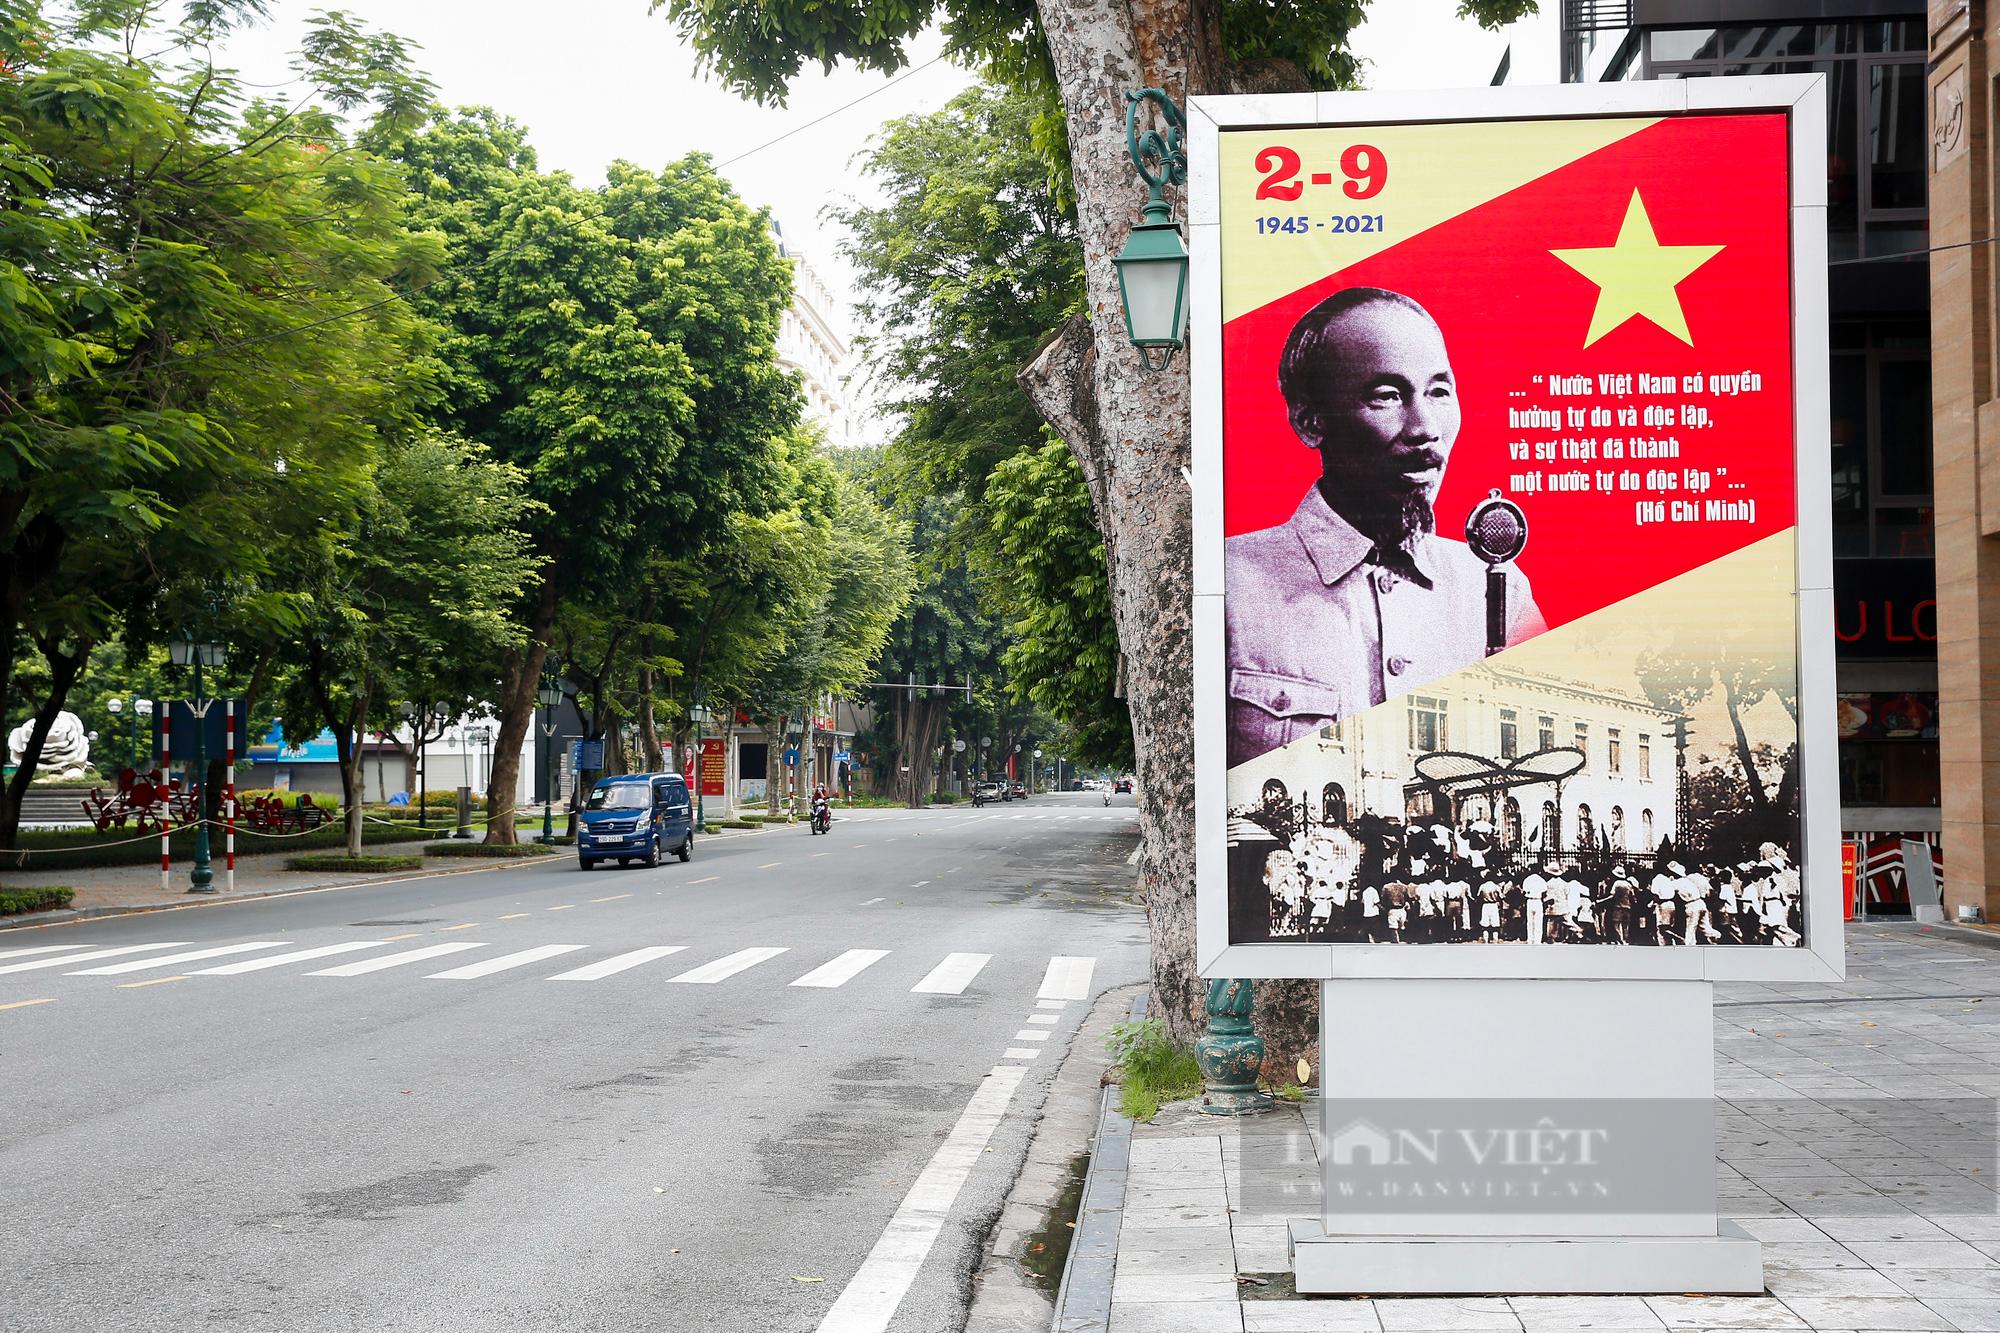 Đường phố Hà Nội rực rỡ sắc đỏ chào mừng Quốc khánh 2/9 - Ảnh 3.